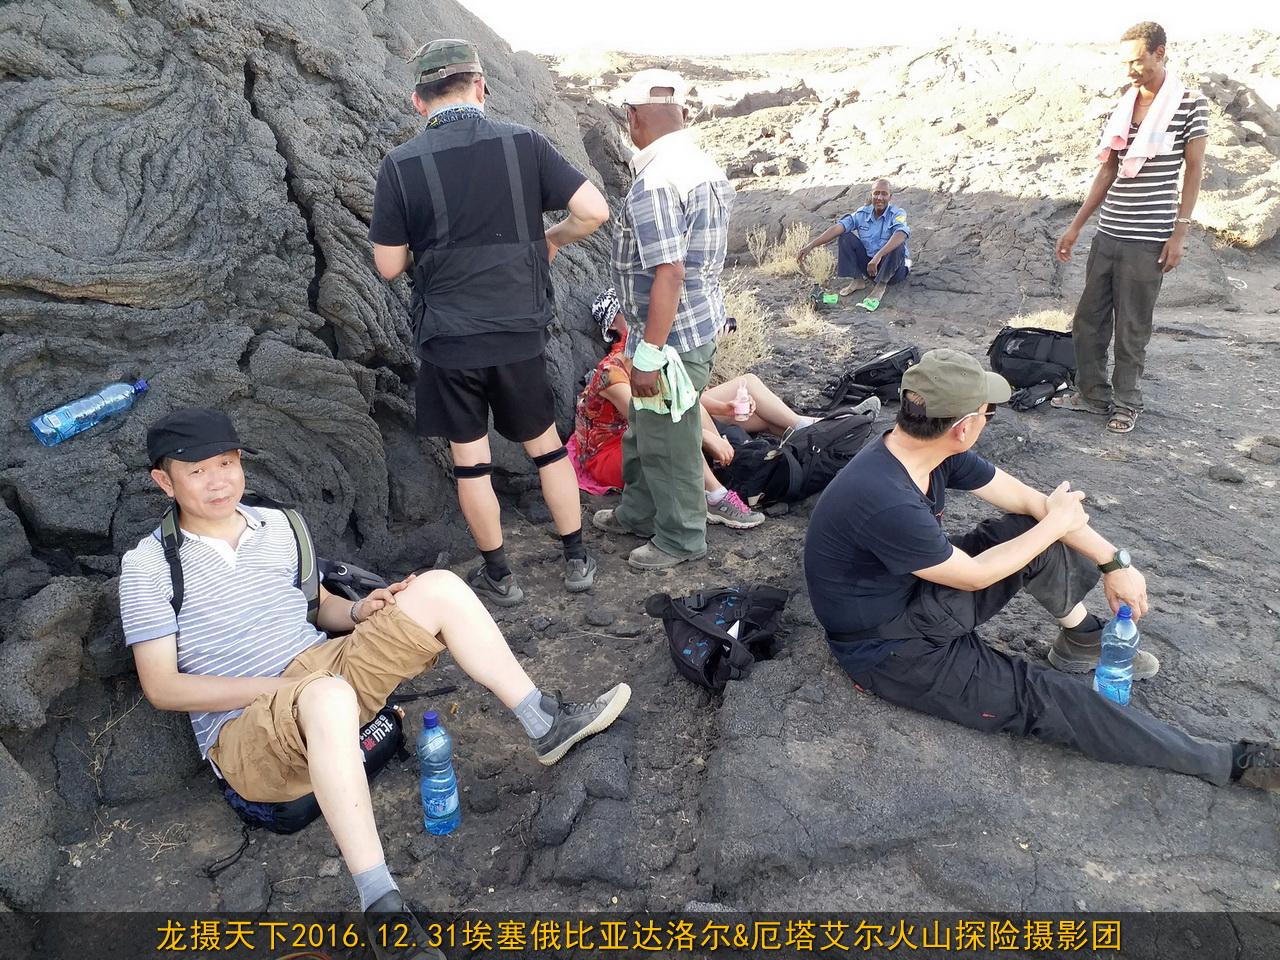 2016.12.31埃塞俄比亚达洛尔&厄塔艾尔火山探险摄影团